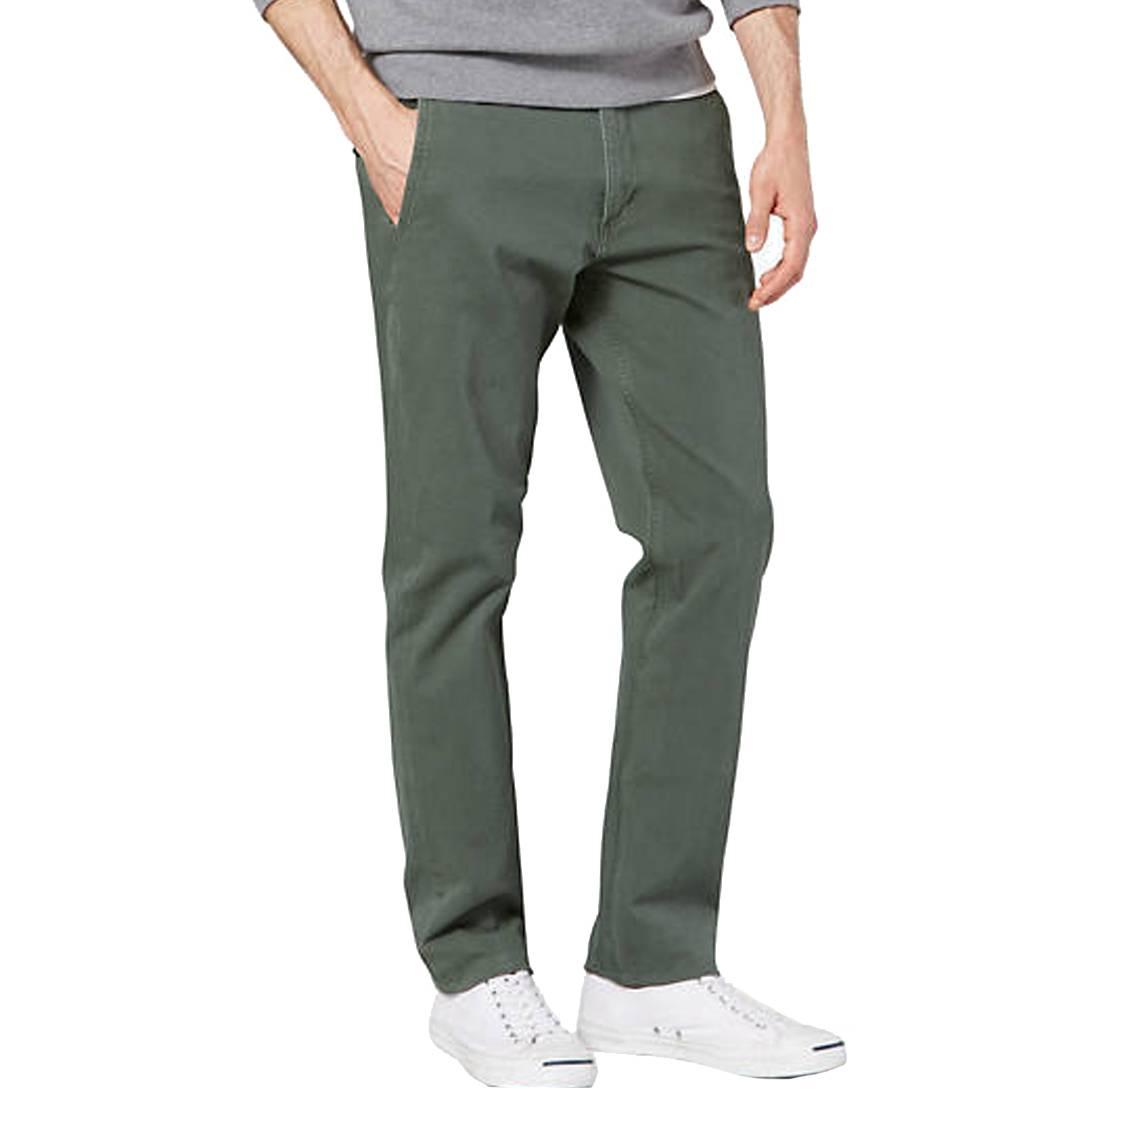 Pantalon chino  smart 360 flex alpha en coton stretch vert kaki